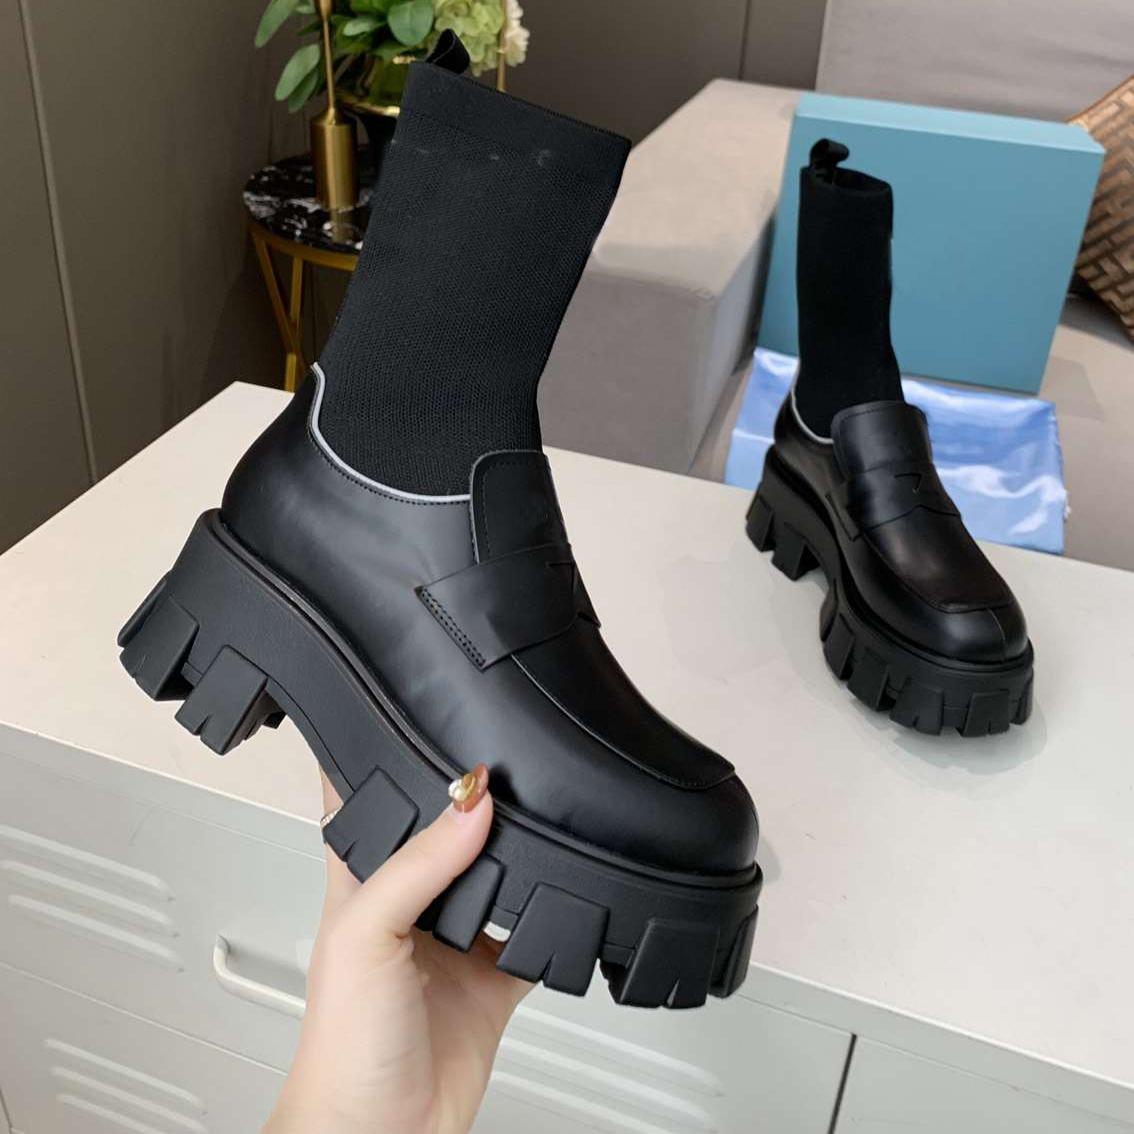 Kadın Çizmeler Siyah Rockoko Savaş Bootis Tasarımcı Çorap Martin Boot Gerçek Deri Ayak Bileği Bootes Dantel-Up Örgü Çorap Ayakkabı 5 Renkler Kaliteli